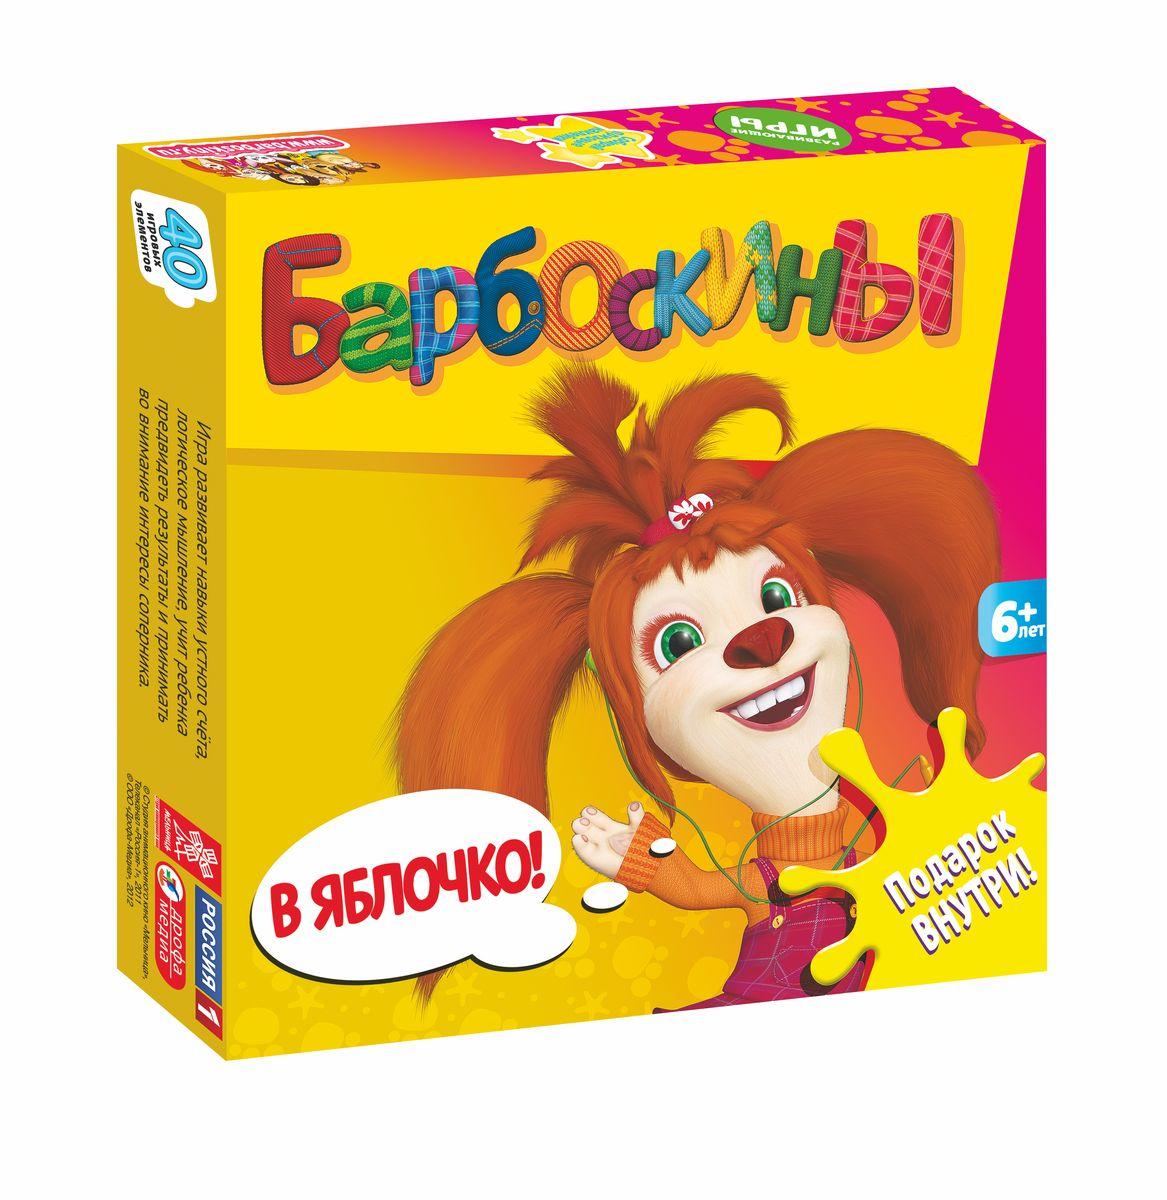 Дрофа-Медиа Развивающая игра Барбоскины В яблочко2380С игрой игра Барбоскины. В яблочко! вас ждет встреча с героями мультсериала - веселой семьей собак, живущей в собачьем мире, который очень похож на современный мир людей. Барбоскины очень любят яблоки. И не только потому, что они вкусные. Яблоками можно жонглировать, использовать для начинки пирога, в качестве мишени для стрельбы из лука или для скрещивания двух разных сортов. А ещё с помощью яблок Барбоскины научились так ловко считать, что превзойти их в этом деле будет непросто. Игра включает в себя несколько вариантов, и все они помогут ребятам в математике, научат думать логически и принимать во внимание интересы соперника. В игре вас ждет подарок - набор наклеек с главными героями мультфильма. Вы сможете начать собирать свою коллекцию героев - теперь они повсюду будут с вами! Настольная игра Барбоскины тренирует навыки устного счета, логическое мышление, умение предвидеть действия соперников.